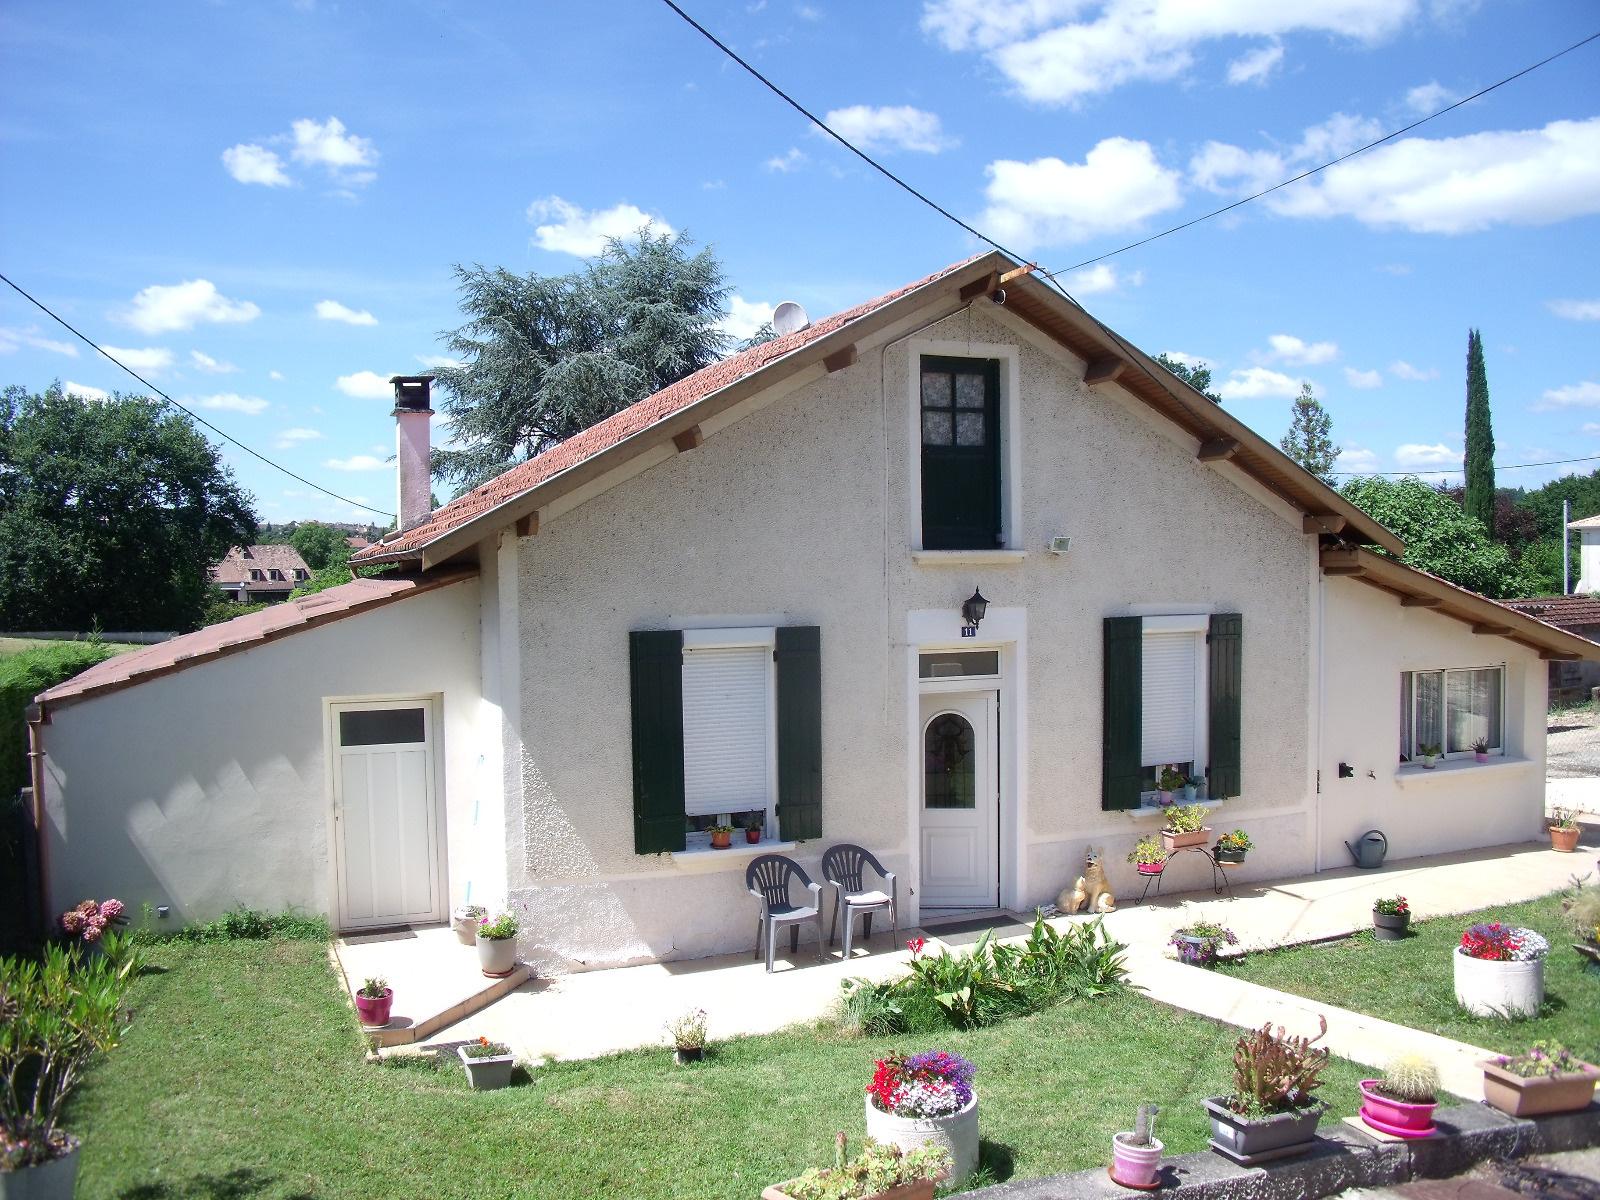 Vente maison/villa 5 pièces st vite 47500